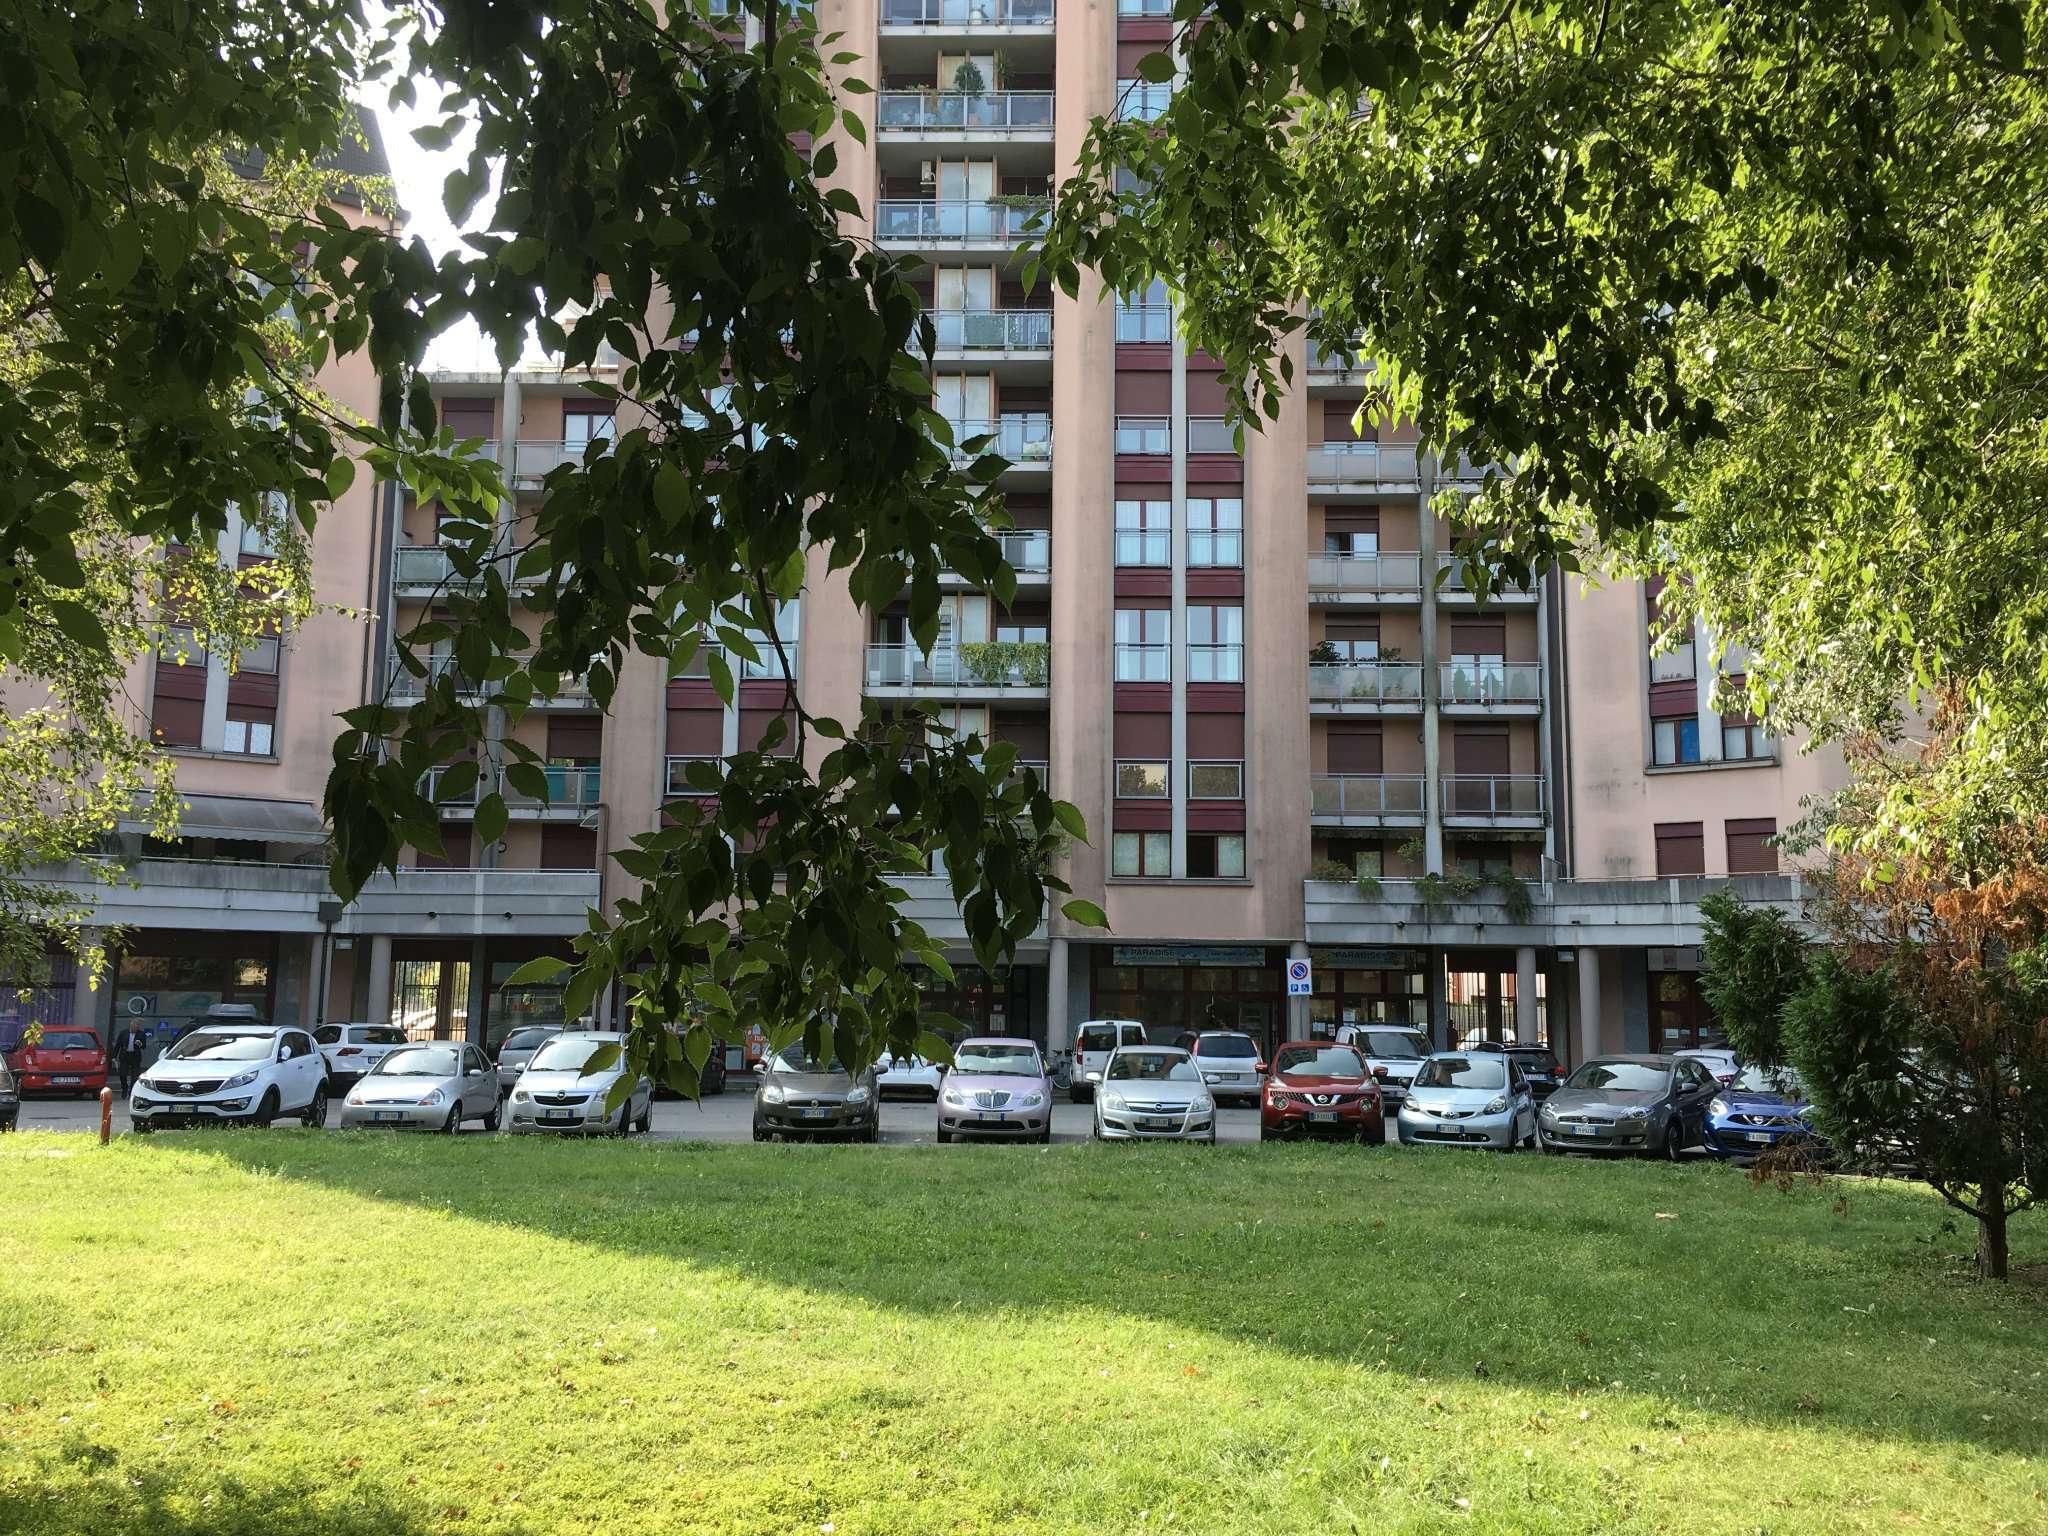 Ufficio / Studio in vendita a Gallarate, 3 locali, prezzo € 120.000 | CambioCasa.it